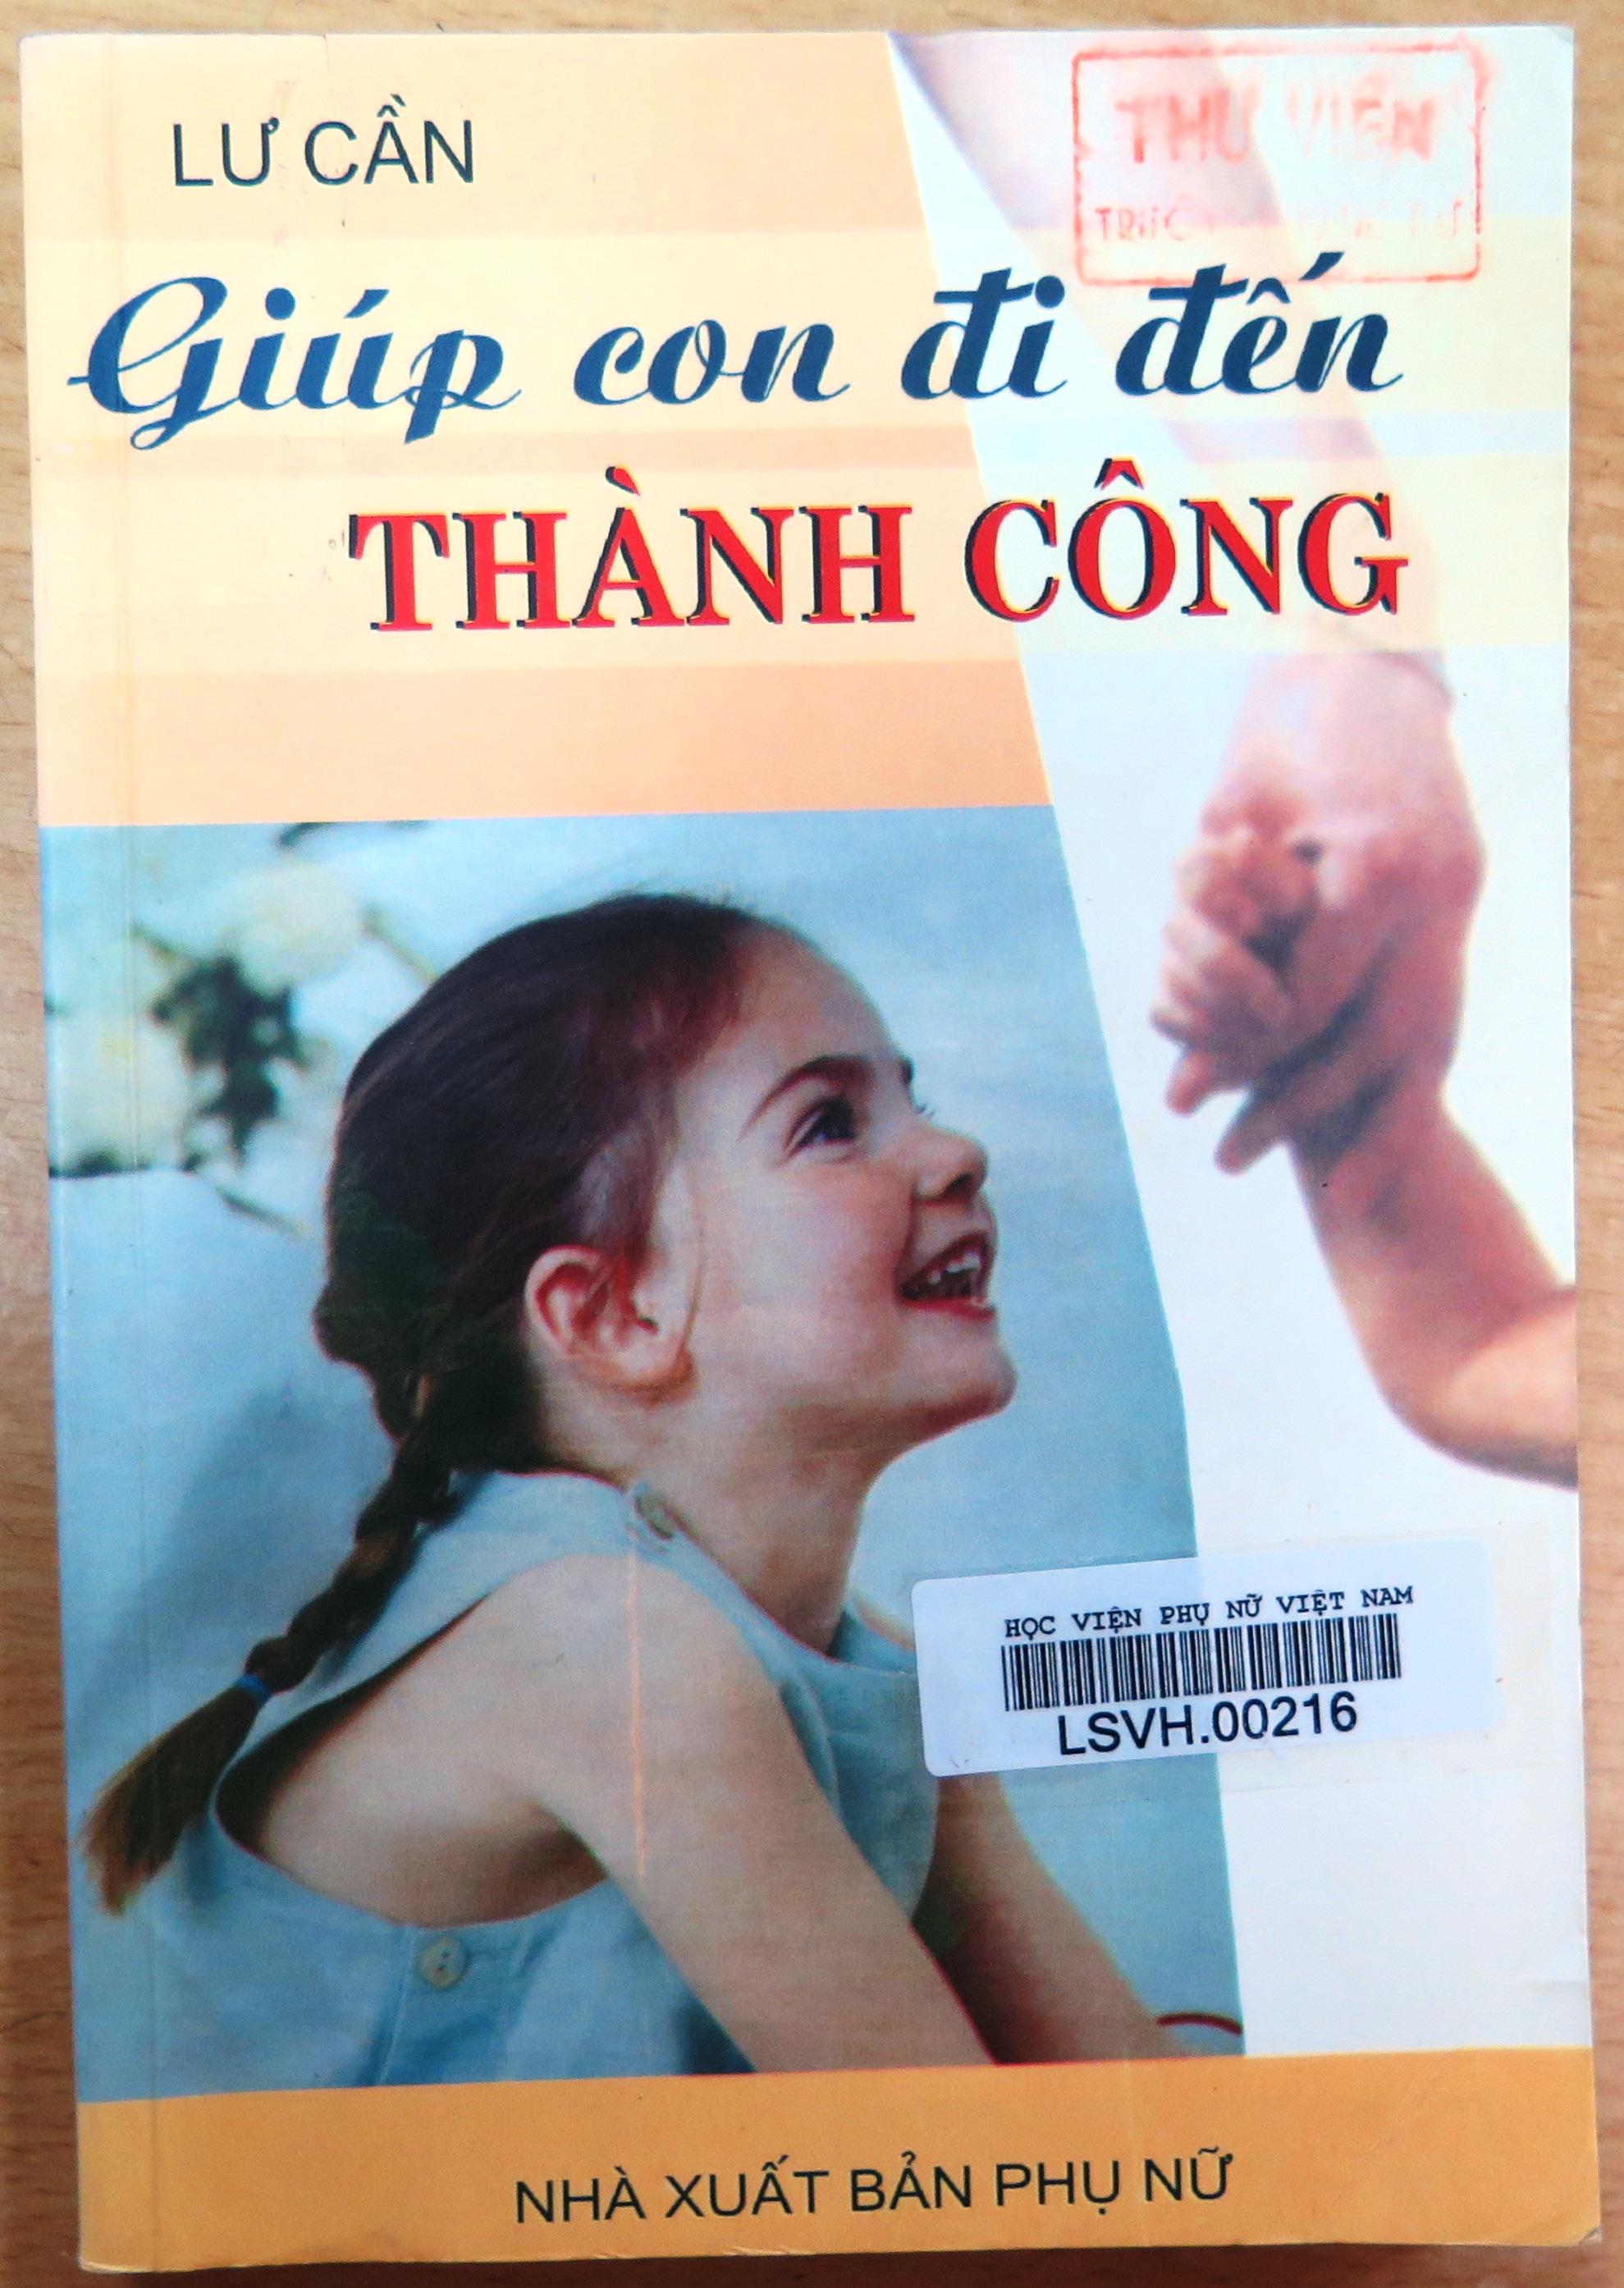 Giới thiệu sách: Giúp con đi đến thành công